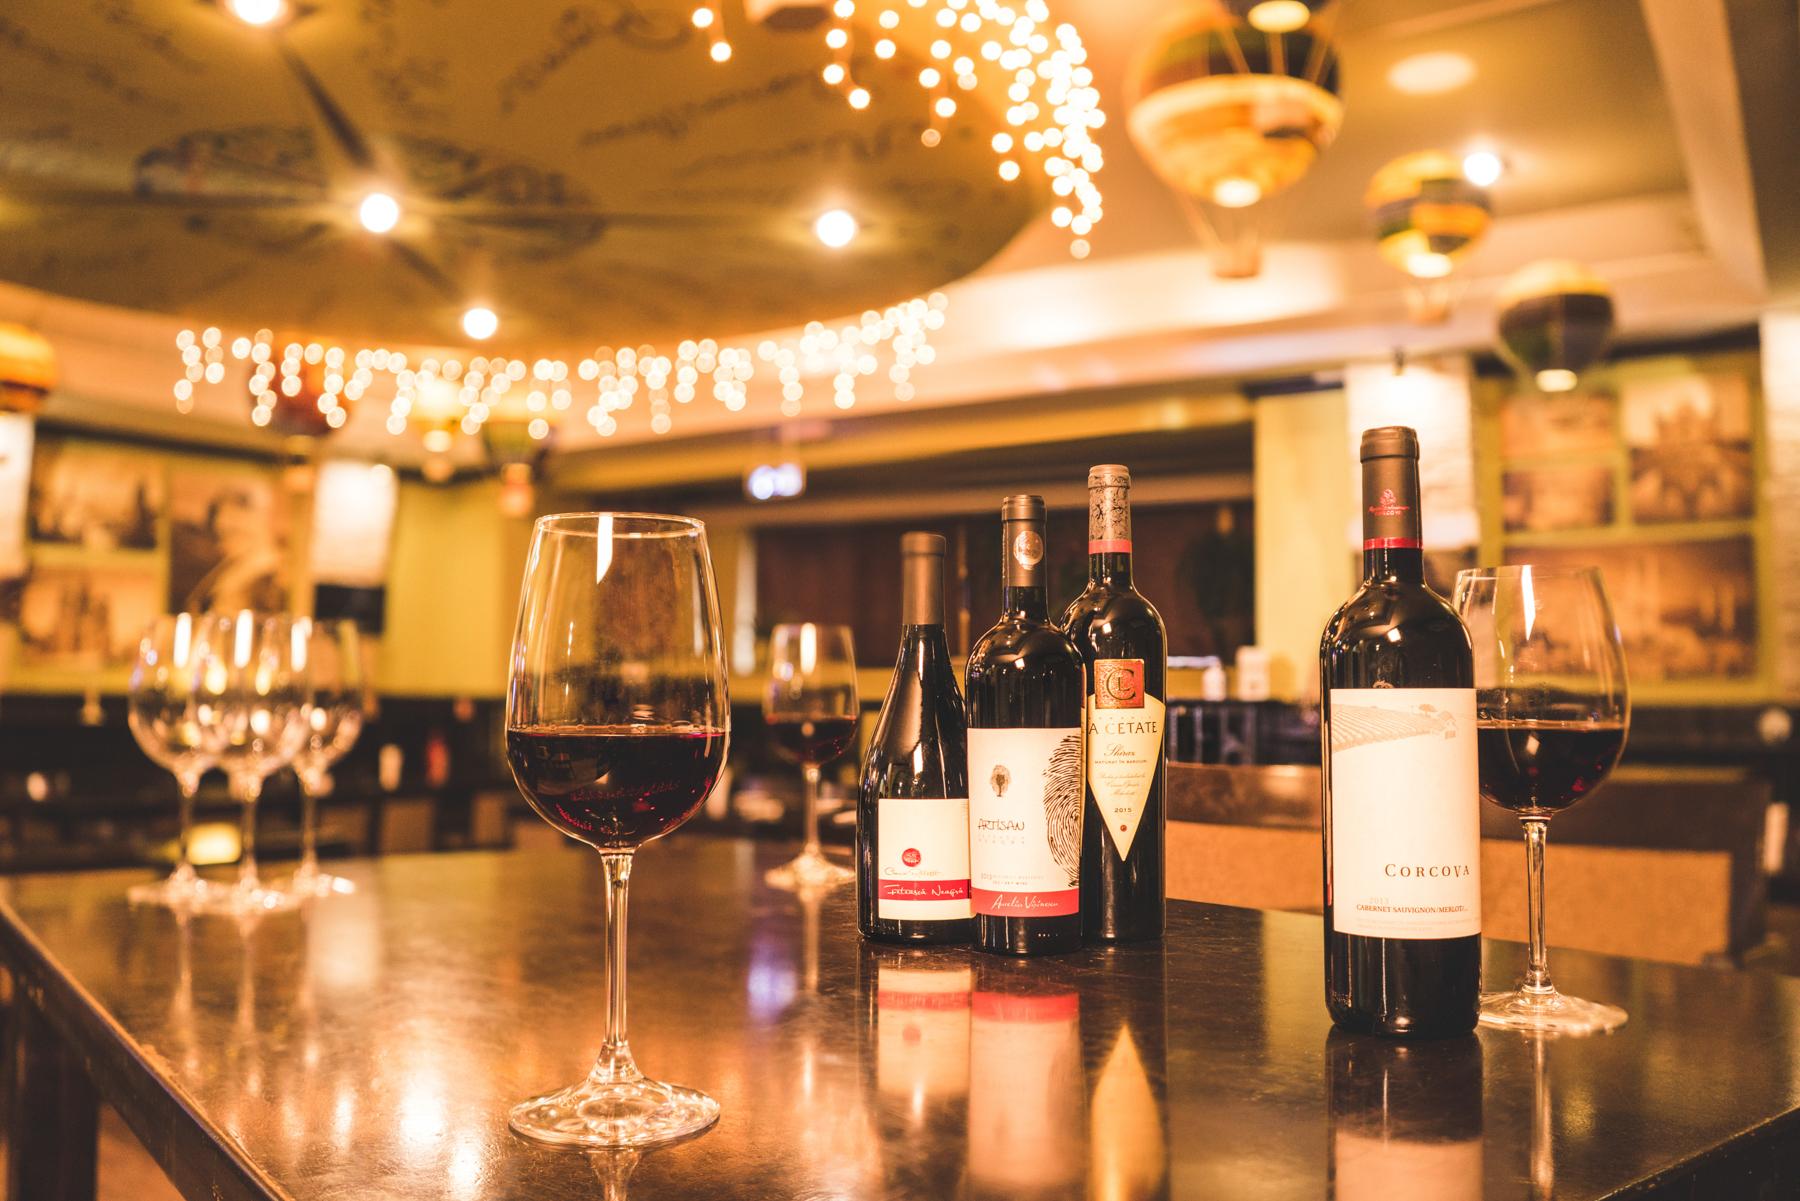 Vin Roșu UpAbove